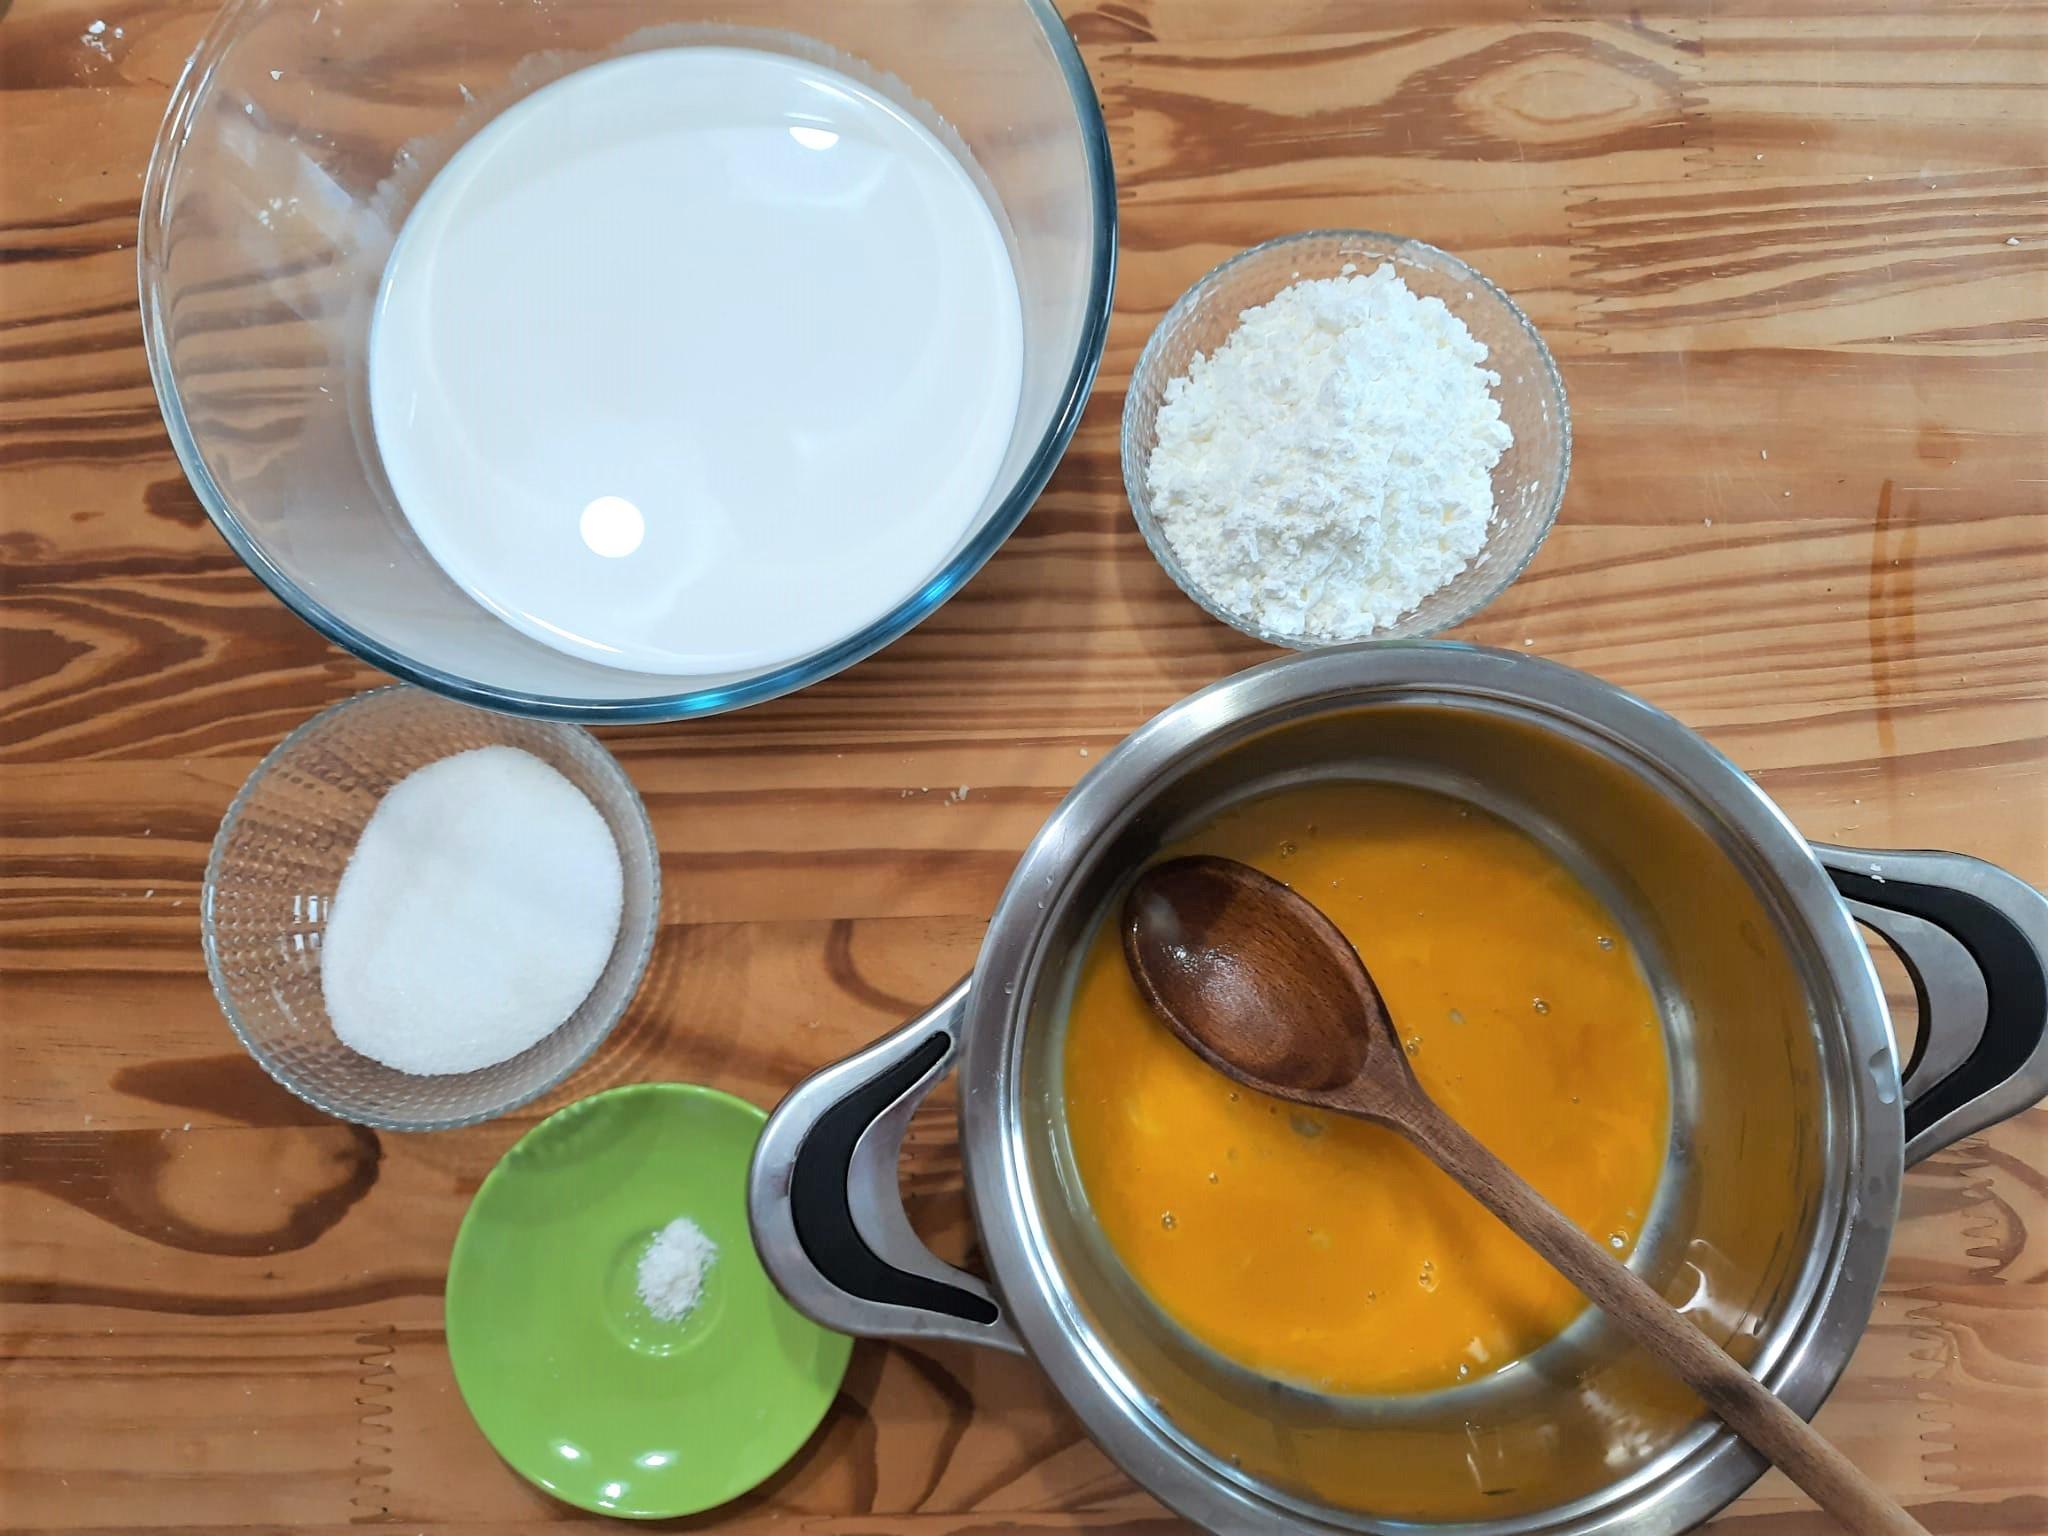 Crema pasticcera senza lattosio